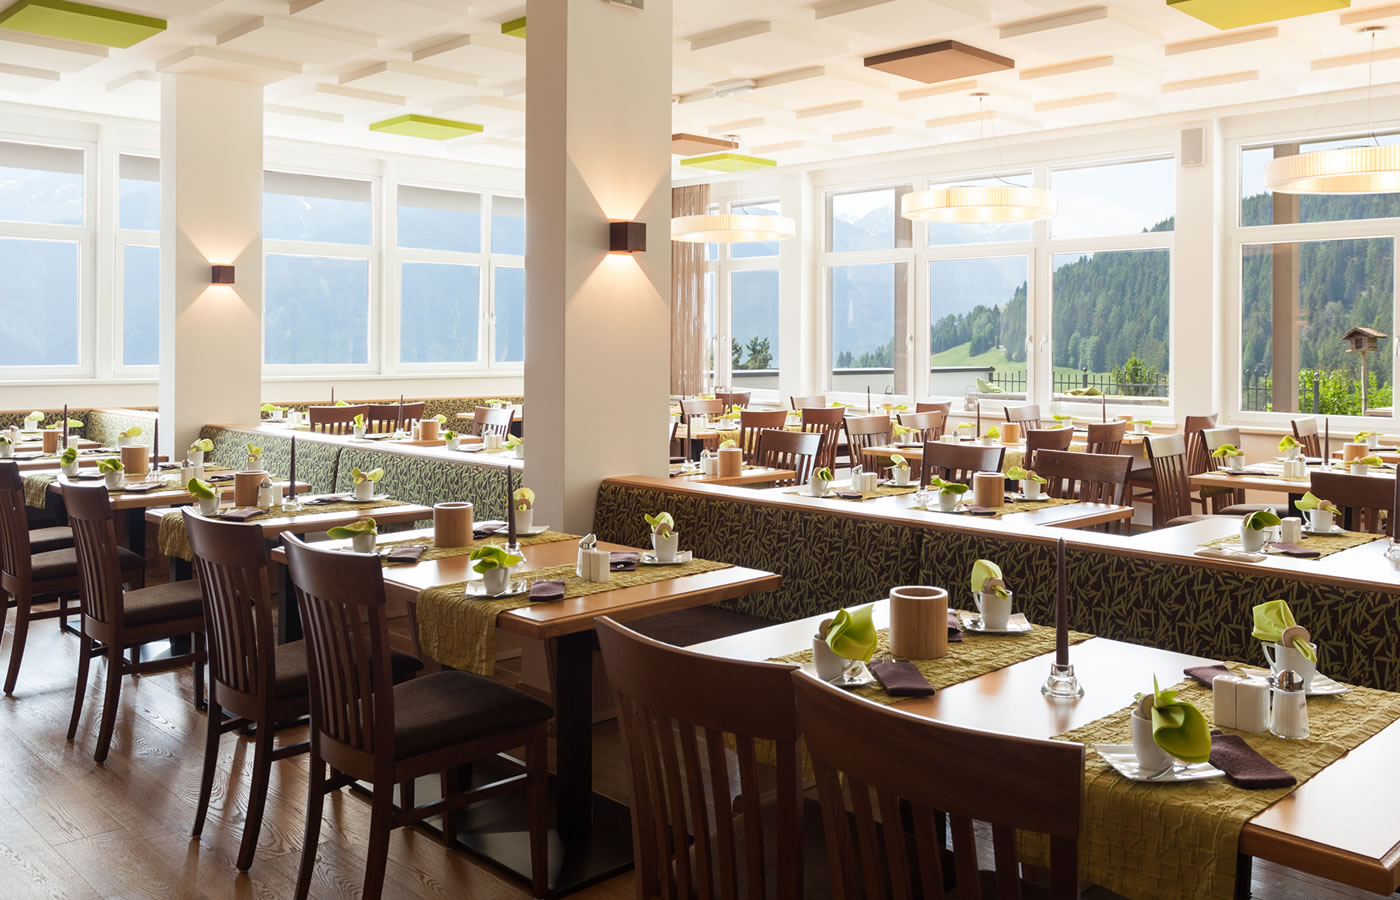 Frühstücksraum des Hotels. Ausblick über Serfaus-Fiss-Ladis, Österreich.